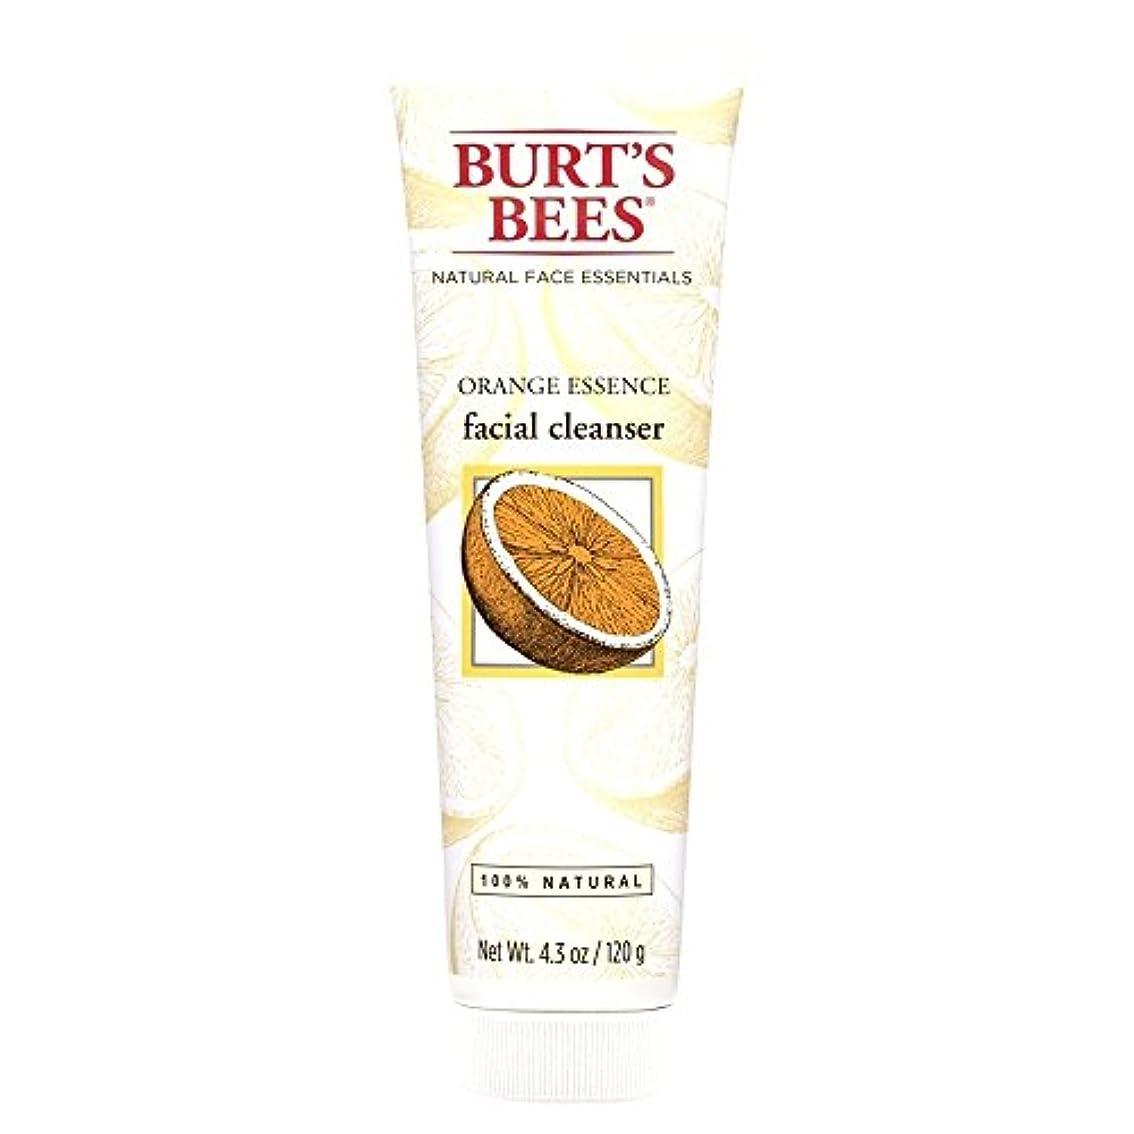 いろいろ三十繰り返したバーツビーオレンジエッセンス洗顔料、125グラム (Burt's Bees) (x2) - Burt's Bees Orange Essence Facial Cleanser, 125g (Pack of 2) [並行輸入品]